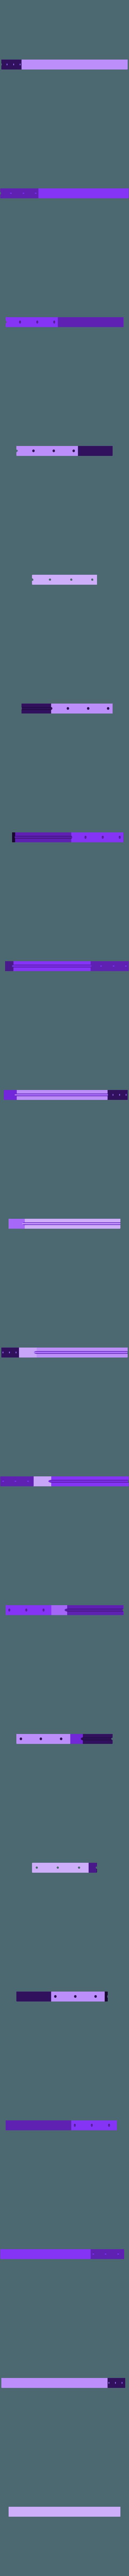 300x300x350 - Black - Blade - Part 2.stl Download STL file Final Fantasy VII - Buster Sword - Bracelet - Shoulder pad  • 3D print model, 3Dutchie